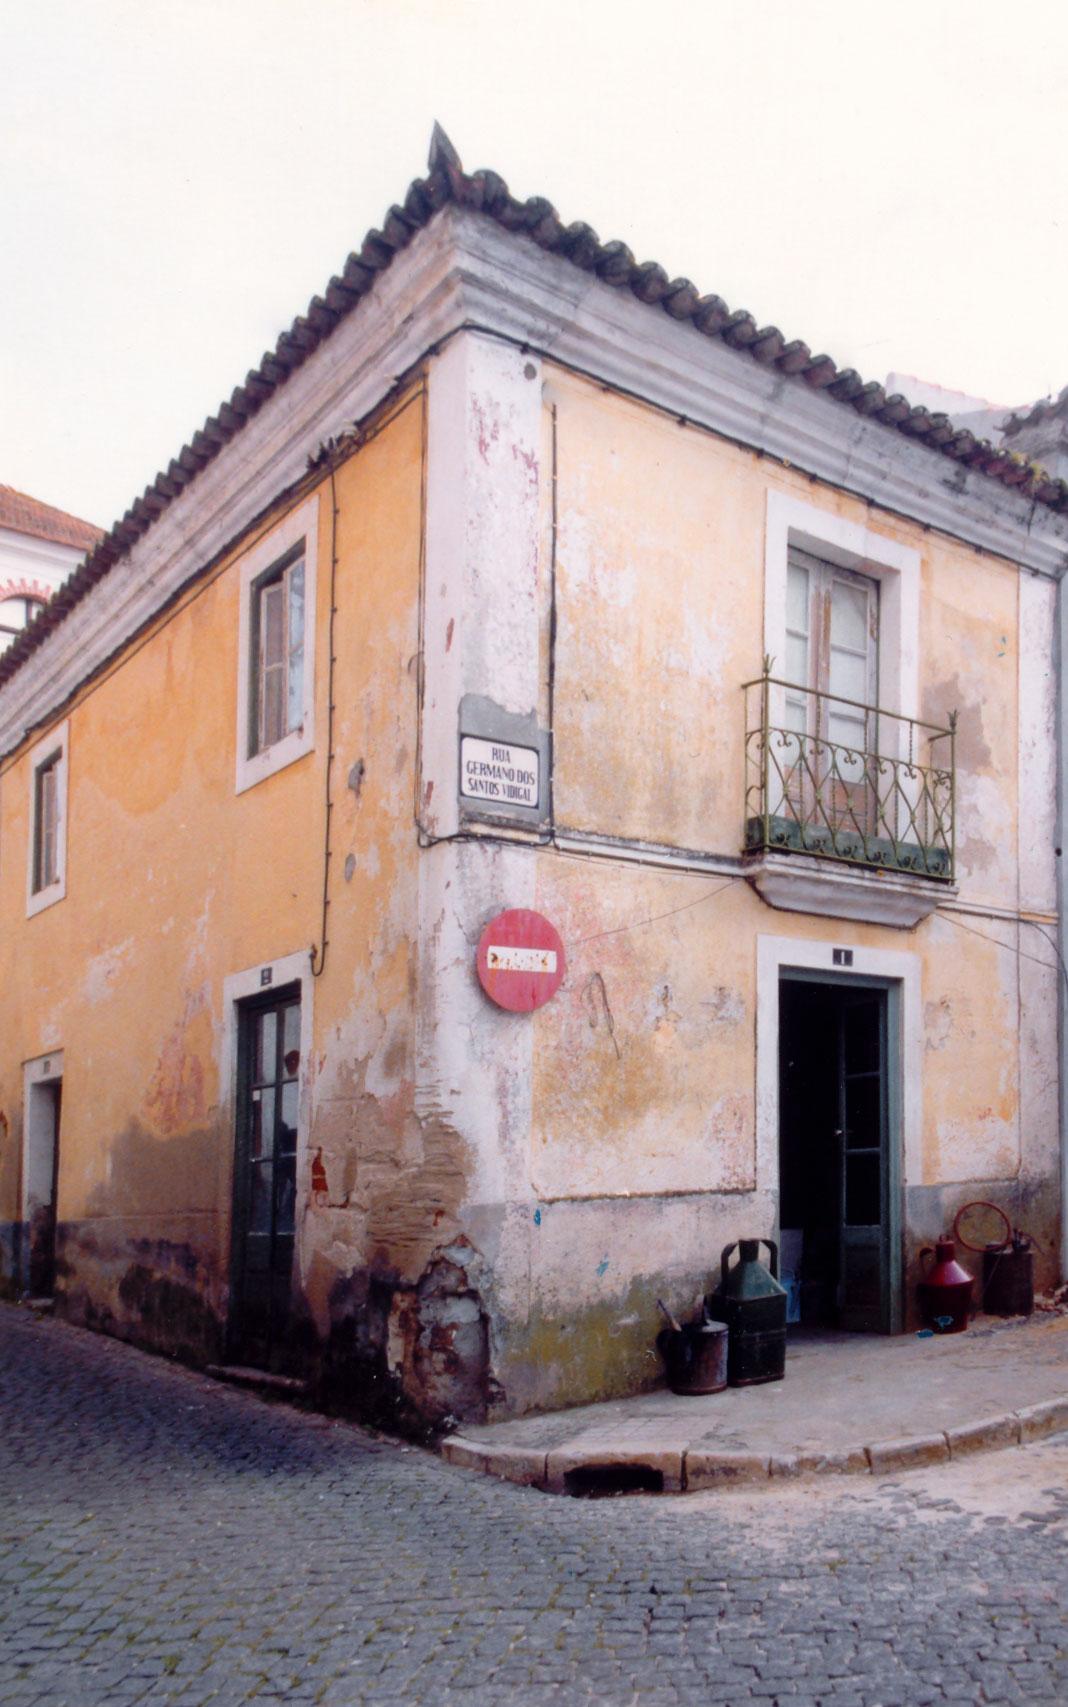 Oficina da antiga Rua da Parreira em que trabalhava Germano Vidigal (s/a, CMMN, s/d)